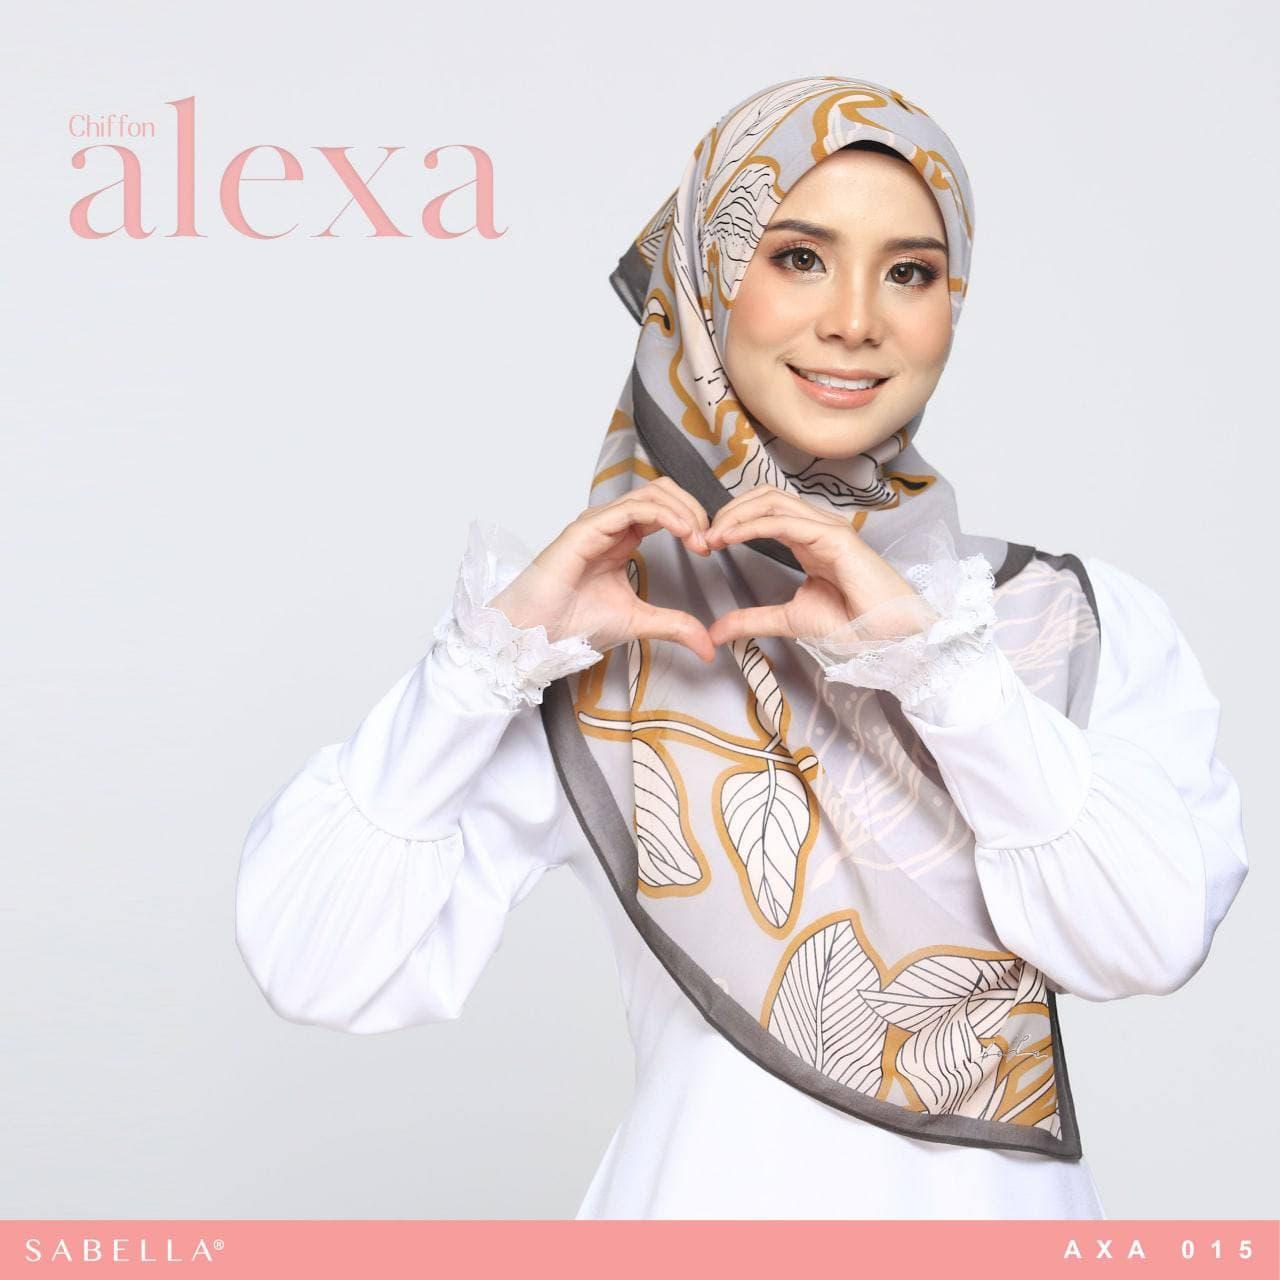 Alexa 015